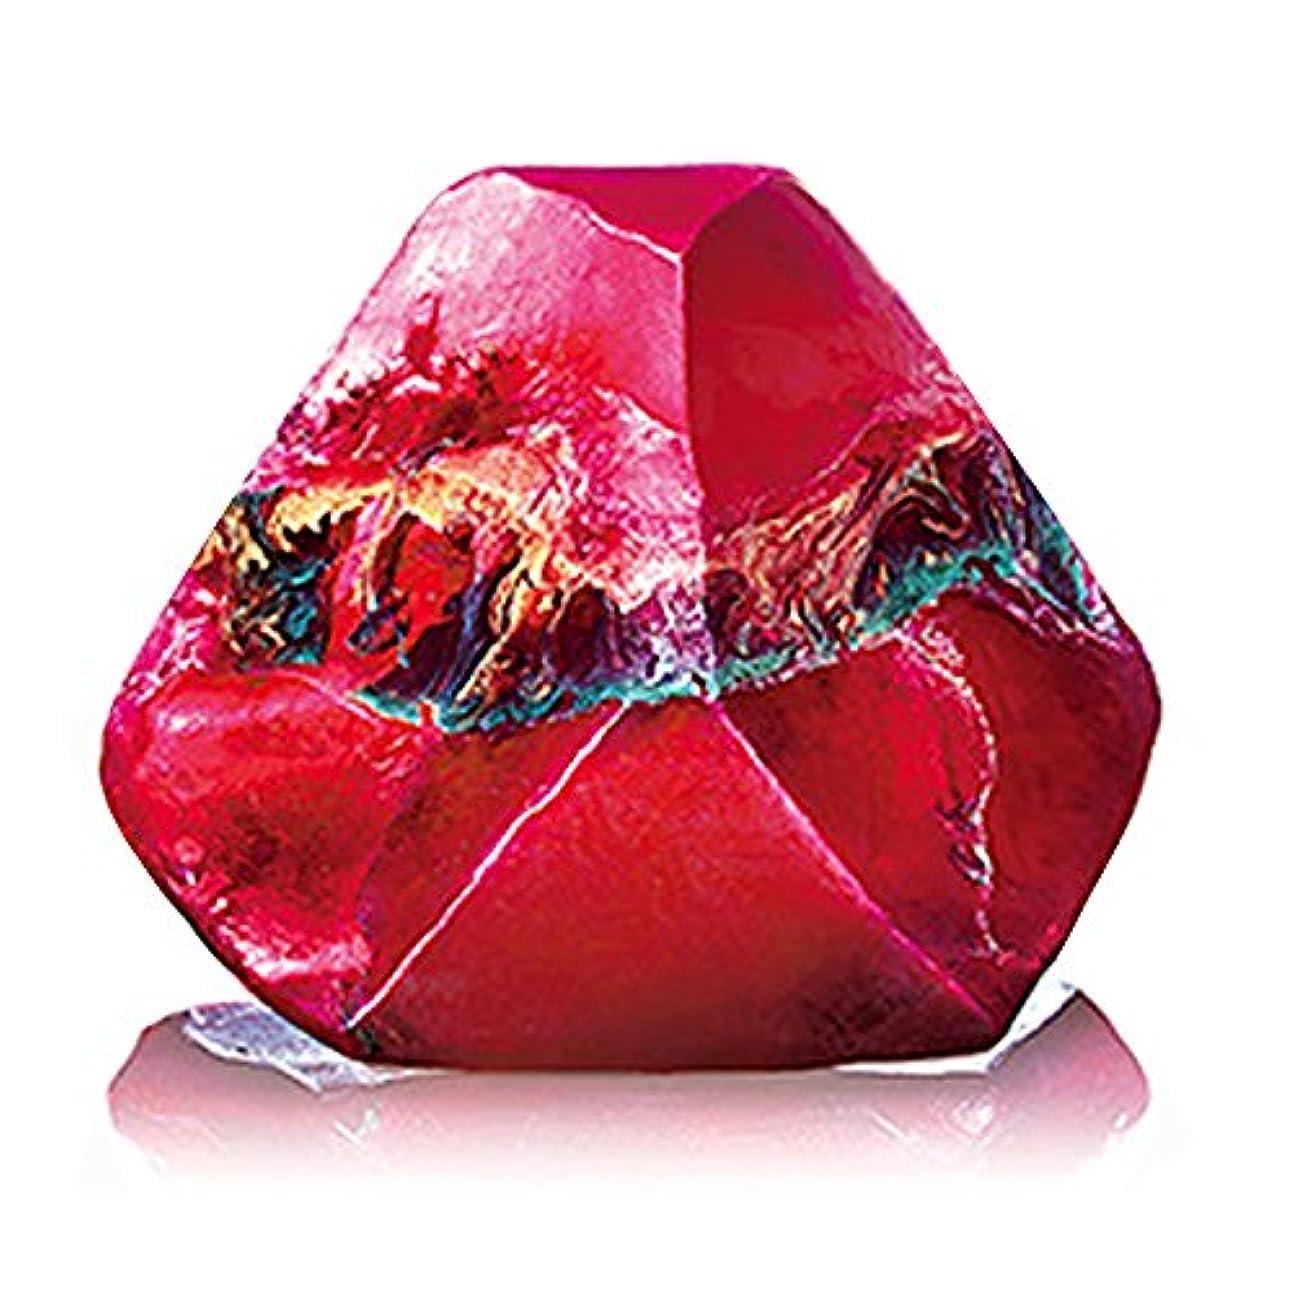 シンボル顎今Savons Gemme サボンジェム 世界で一番美しい宝石石鹸 フレグランス ソープ ガーネット 170g